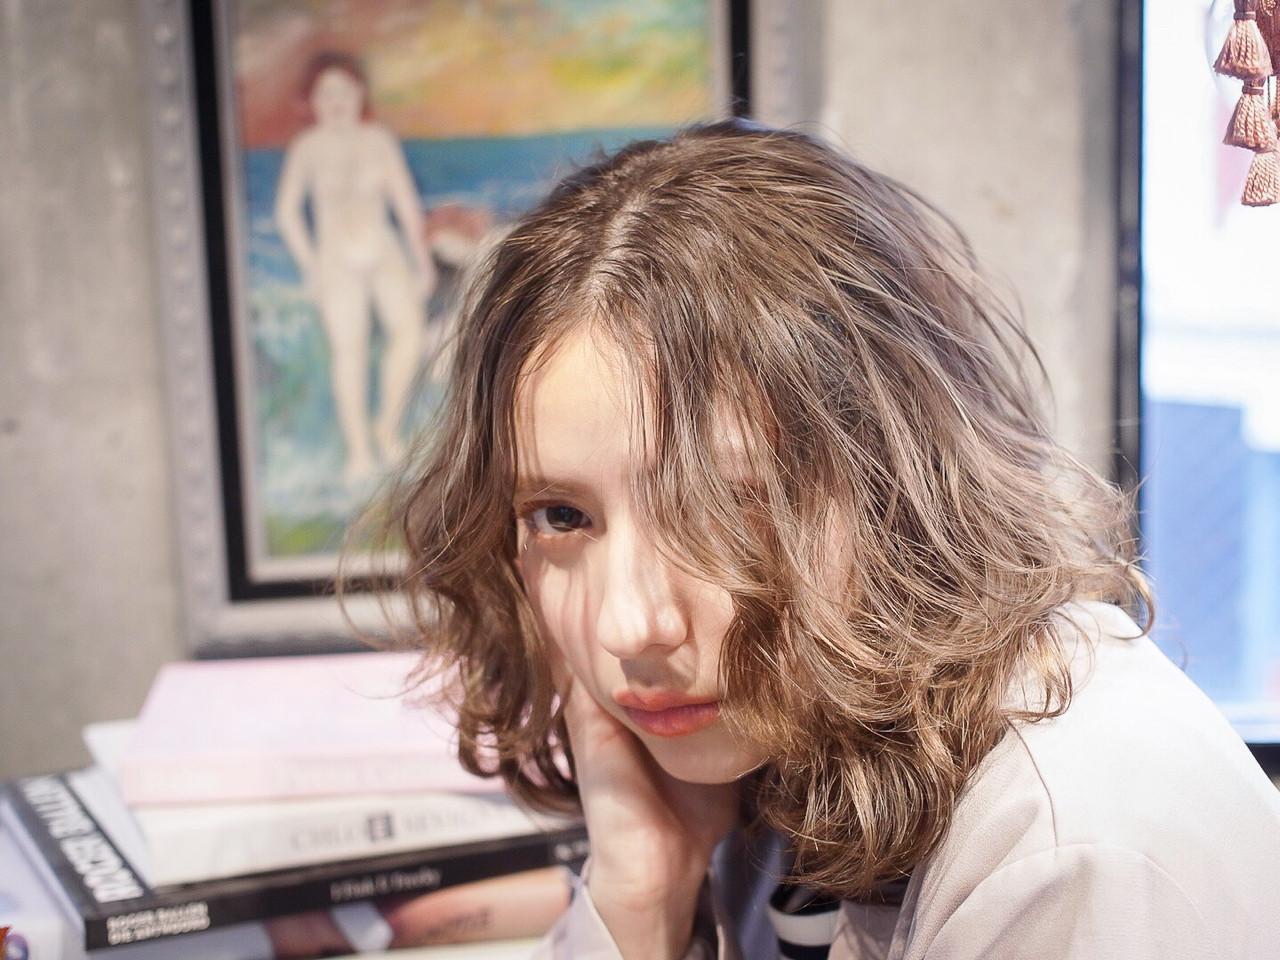 ガーリー 抜け感 ベージュ ナチュラル ヘアスタイルや髪型の写真・画像